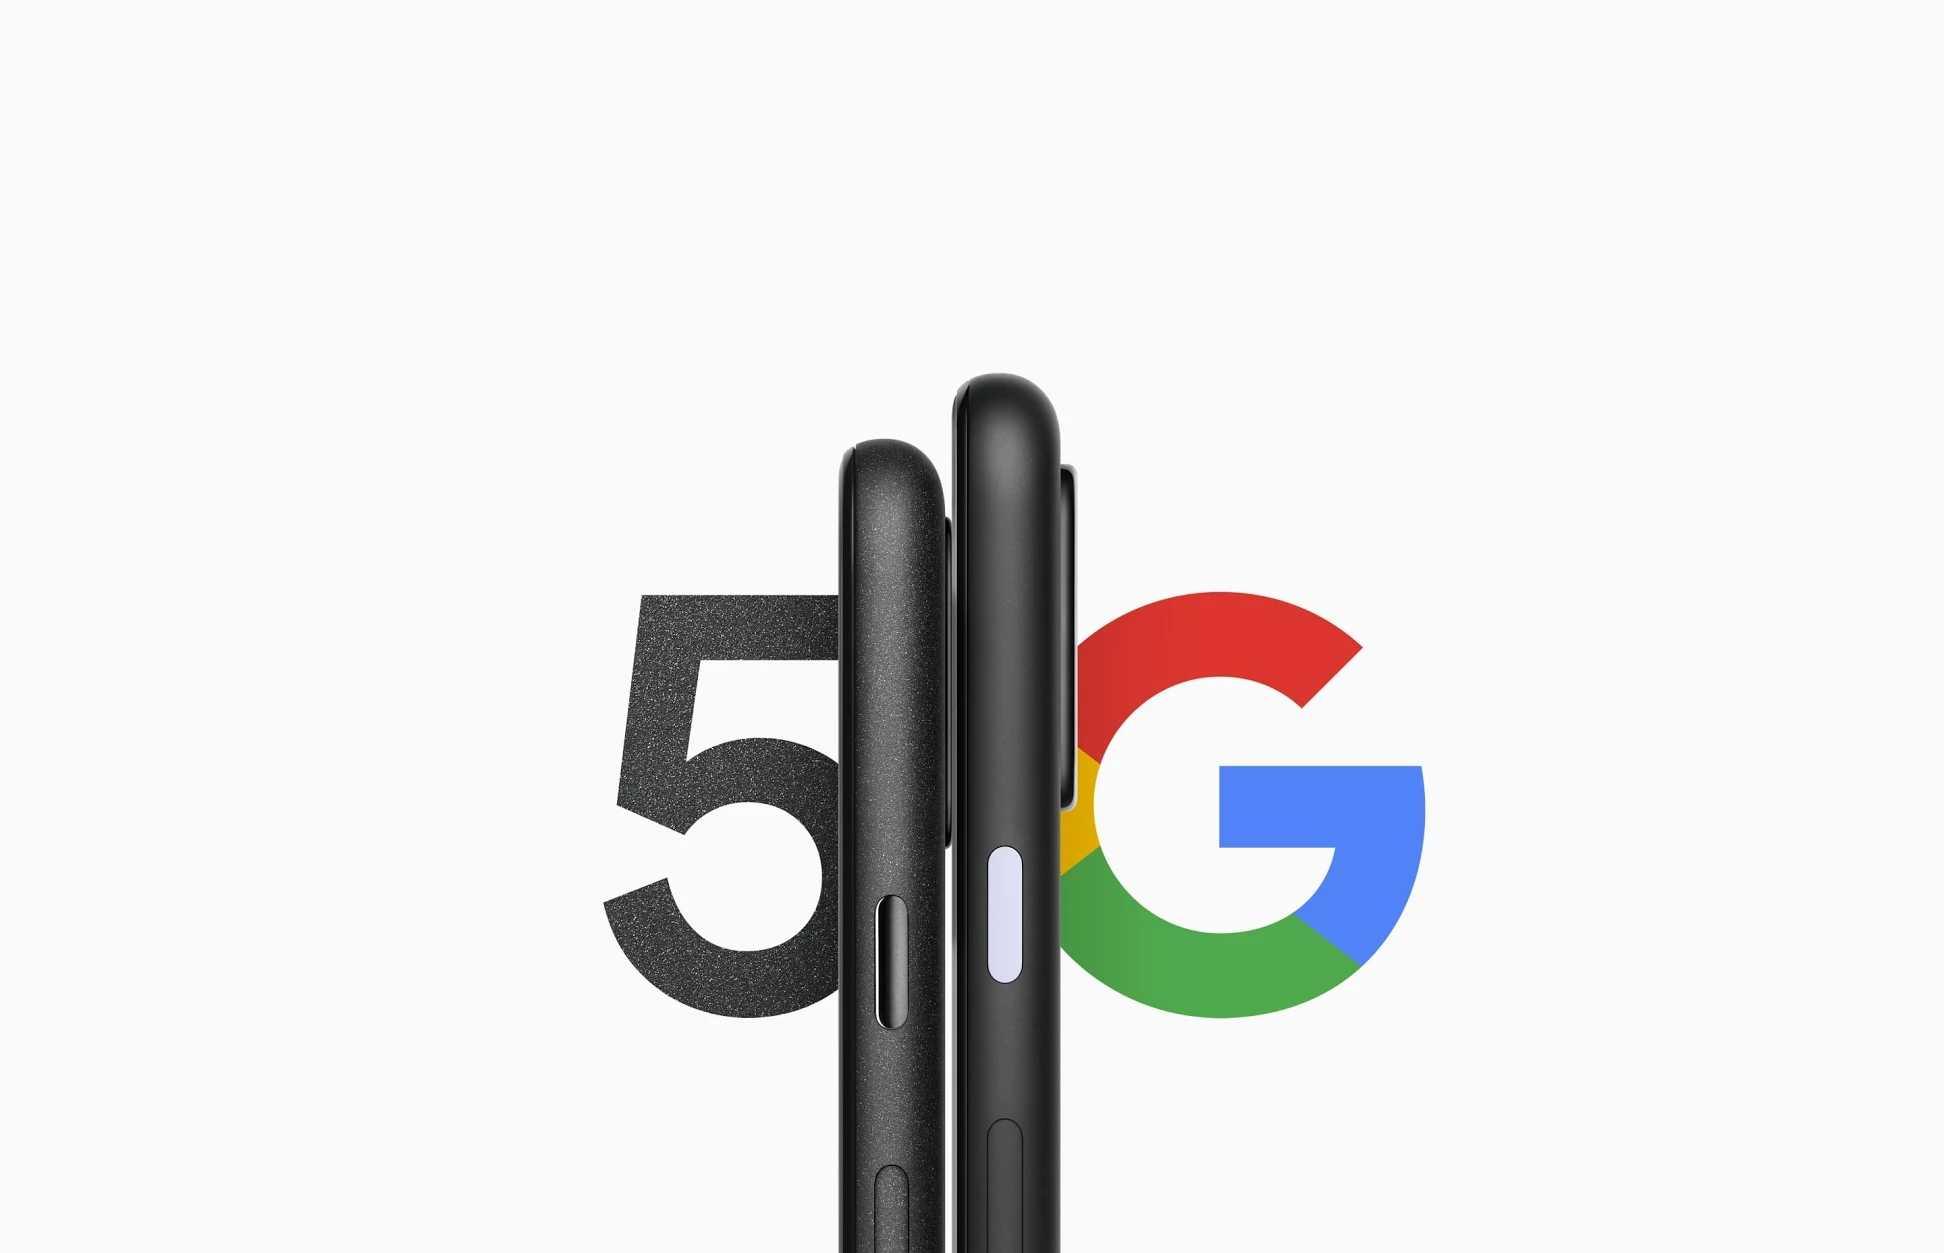 Известный американские блогер Jon Prosser работающий на канале Front Page Tech анонсировал новое изображение ожидаемого камерофона Google Pixel 5 Новинка должна быть